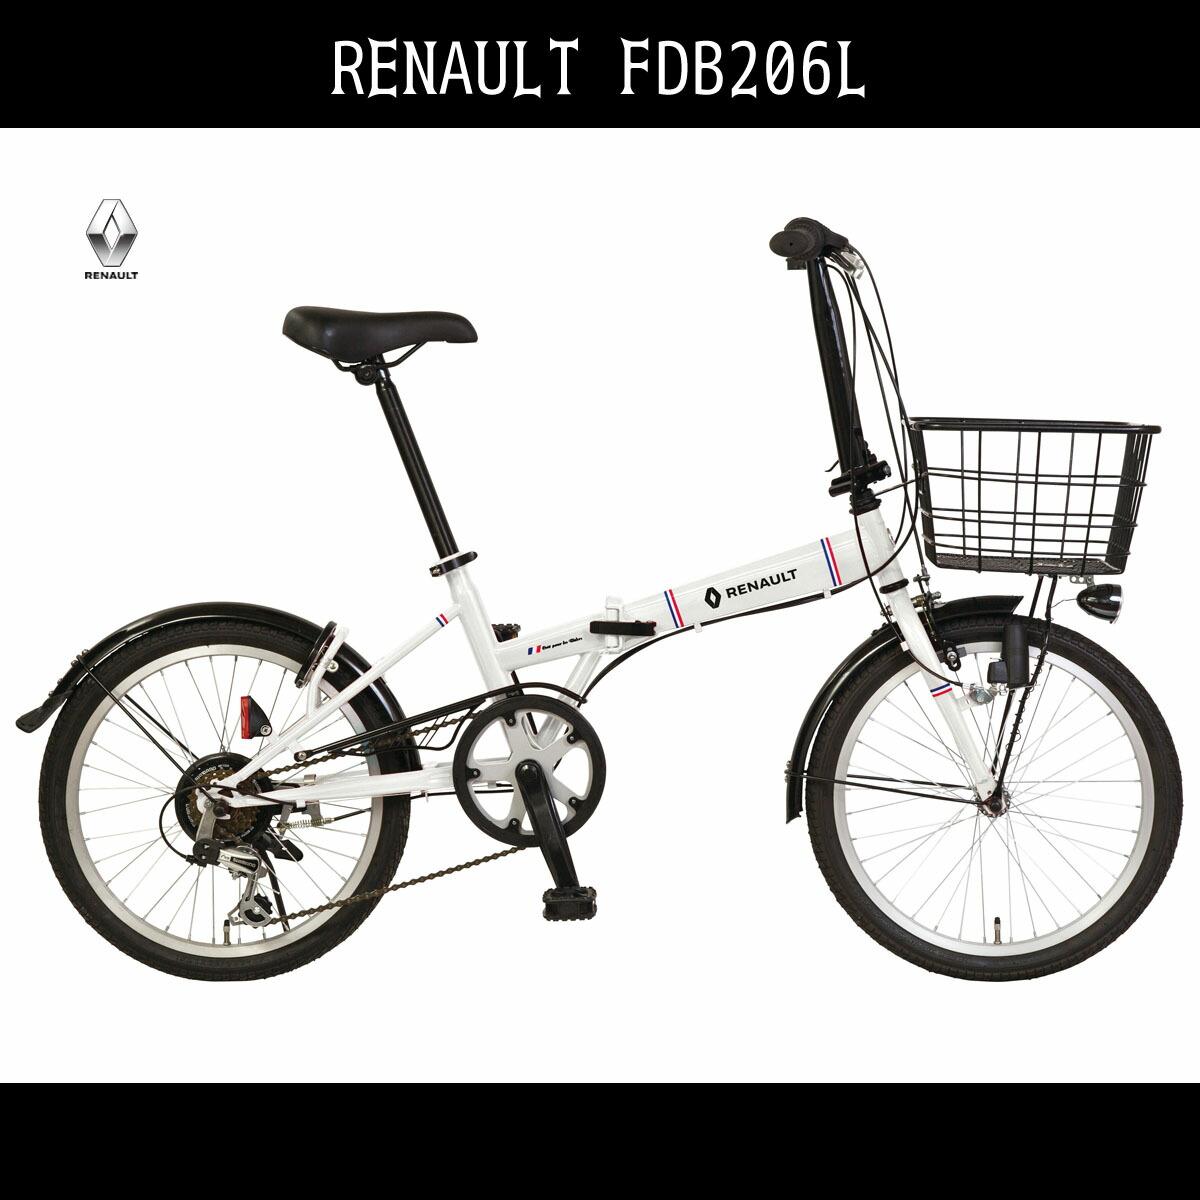 折りたたみ自転車 ルノー RENAULT 自転車 折りたたみ自転車 ホワイト/白20インチ 自転車 軽量 外装6段変速ギア付き 折りたたみ自転車 かご付き 手元スイッチLEDダイナモライト リング錠鍵 ルノー 自転車 FDB206L